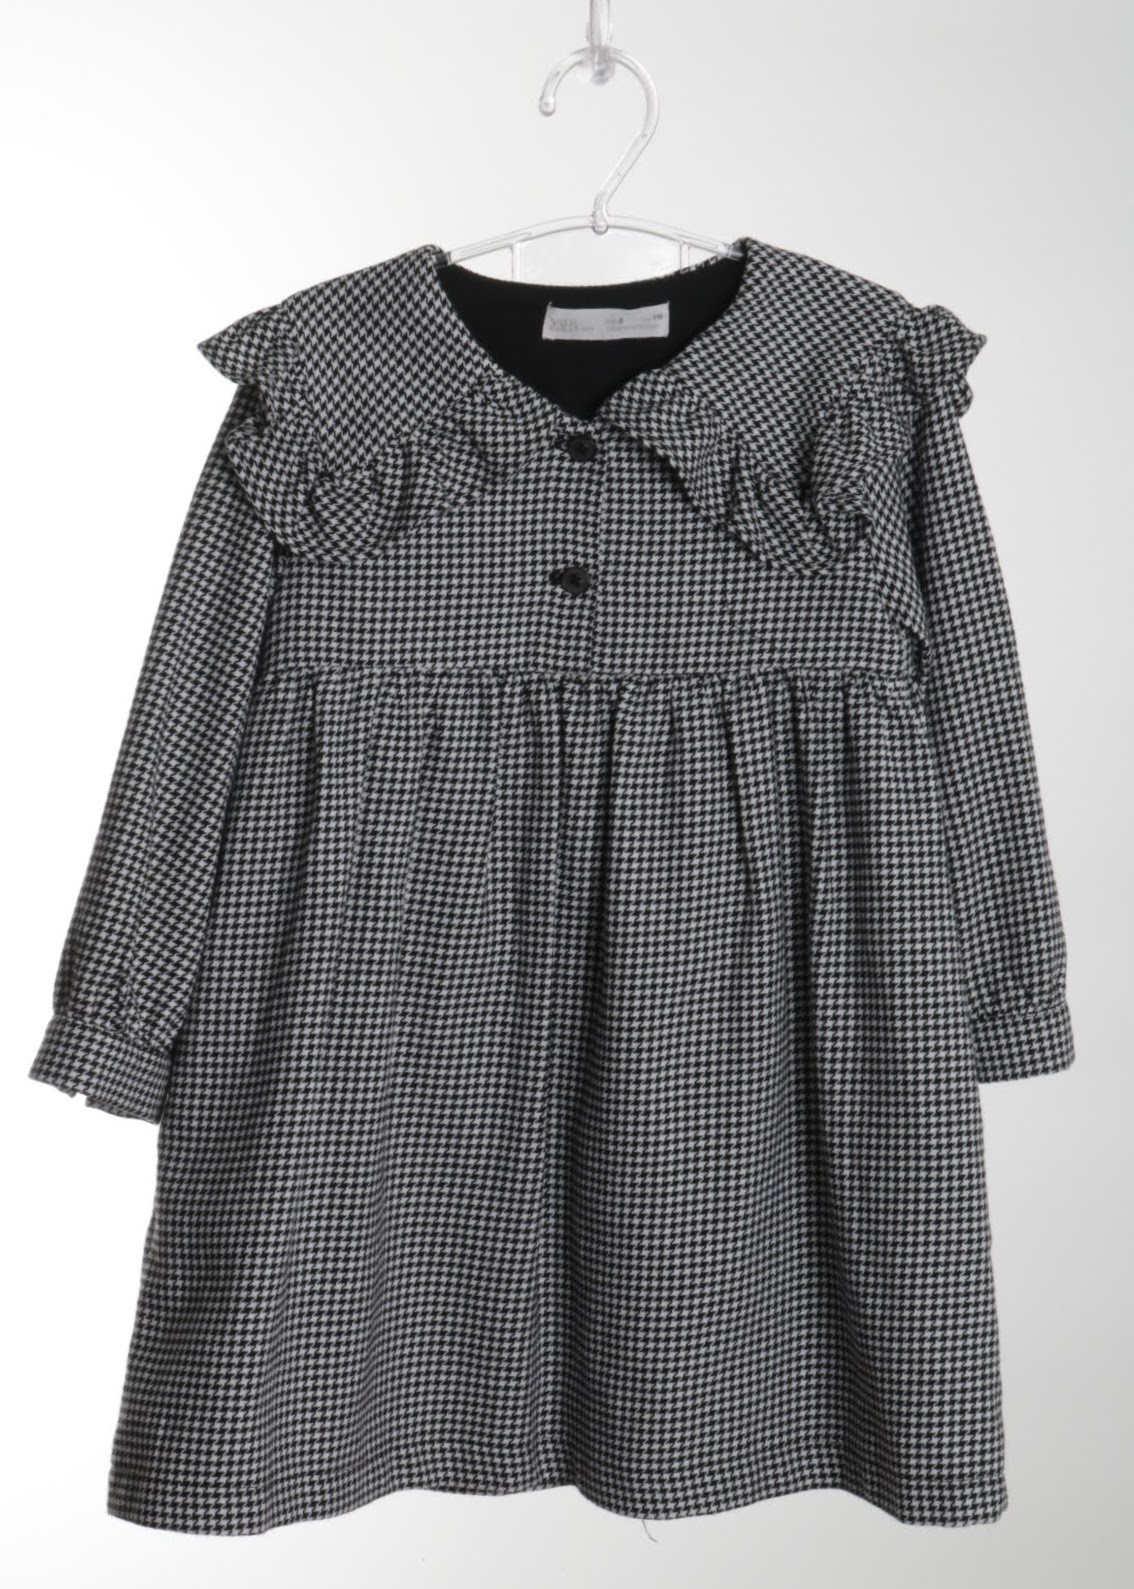 Vestido Manga Longa - Zara - 06 Anos